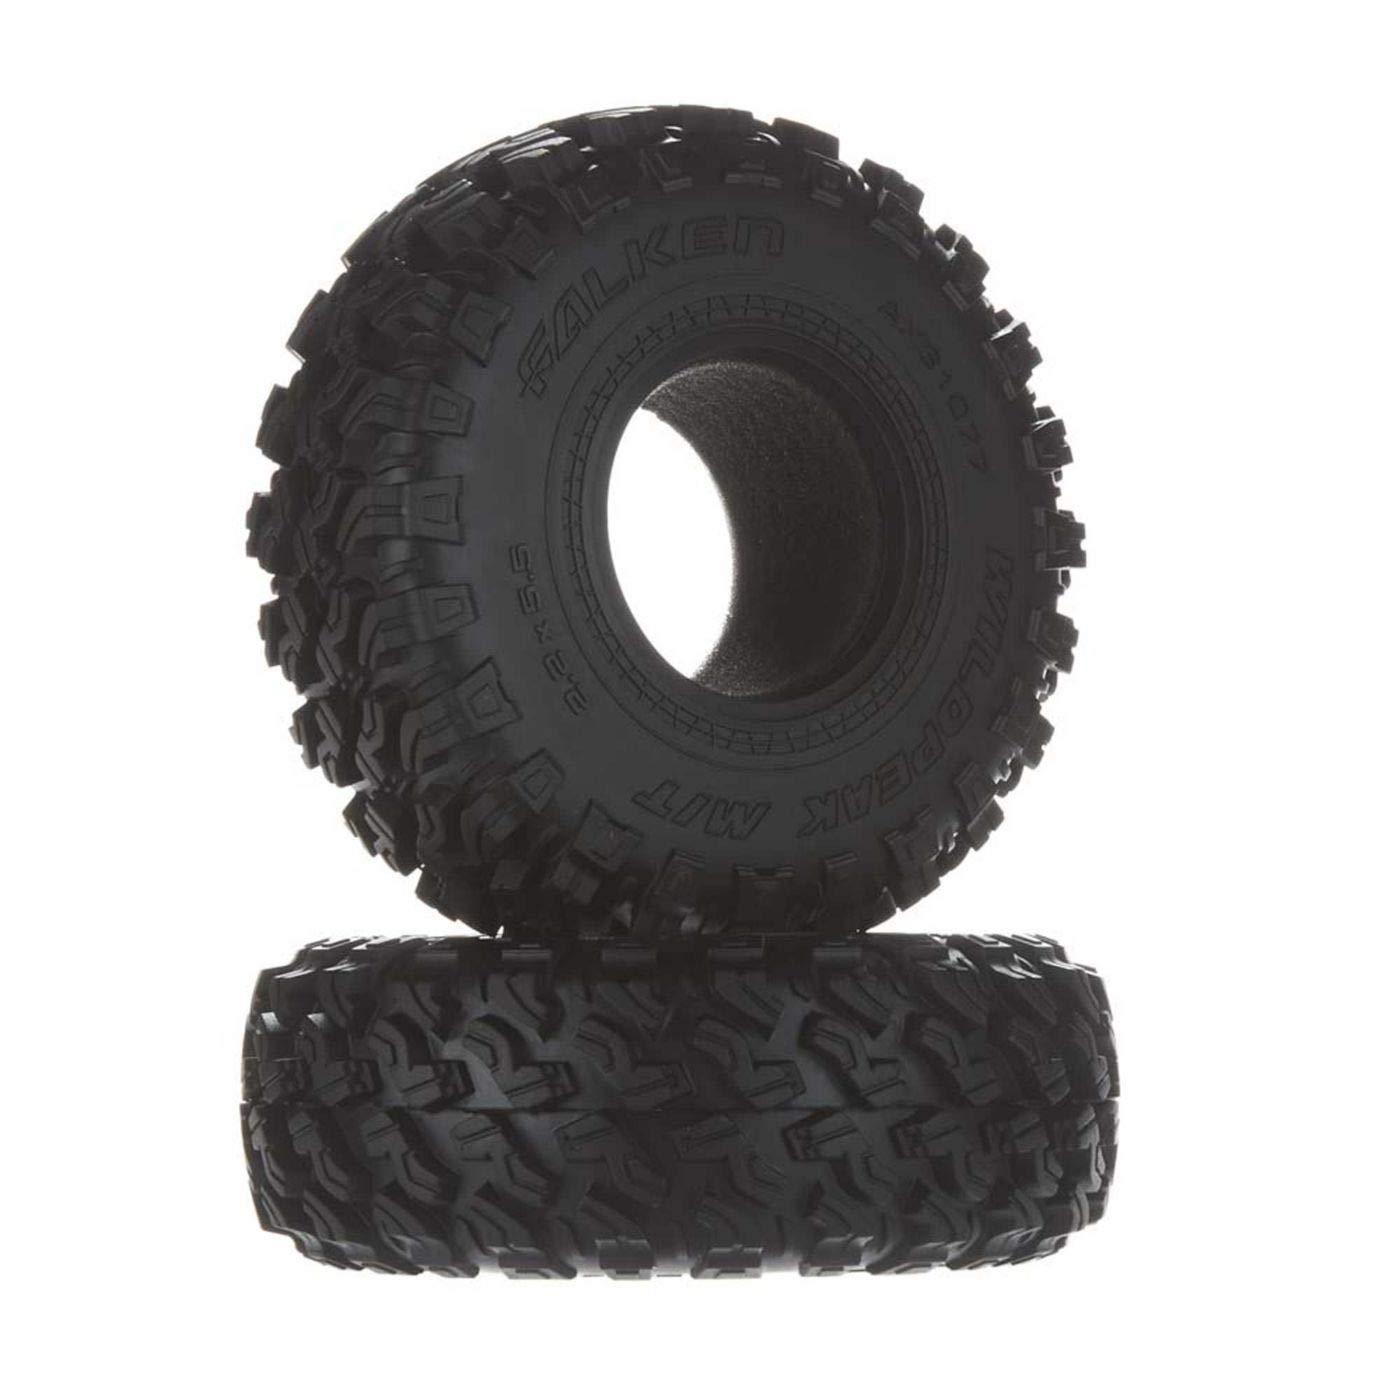 2.2 Falken Wildpeak M/T Reifen